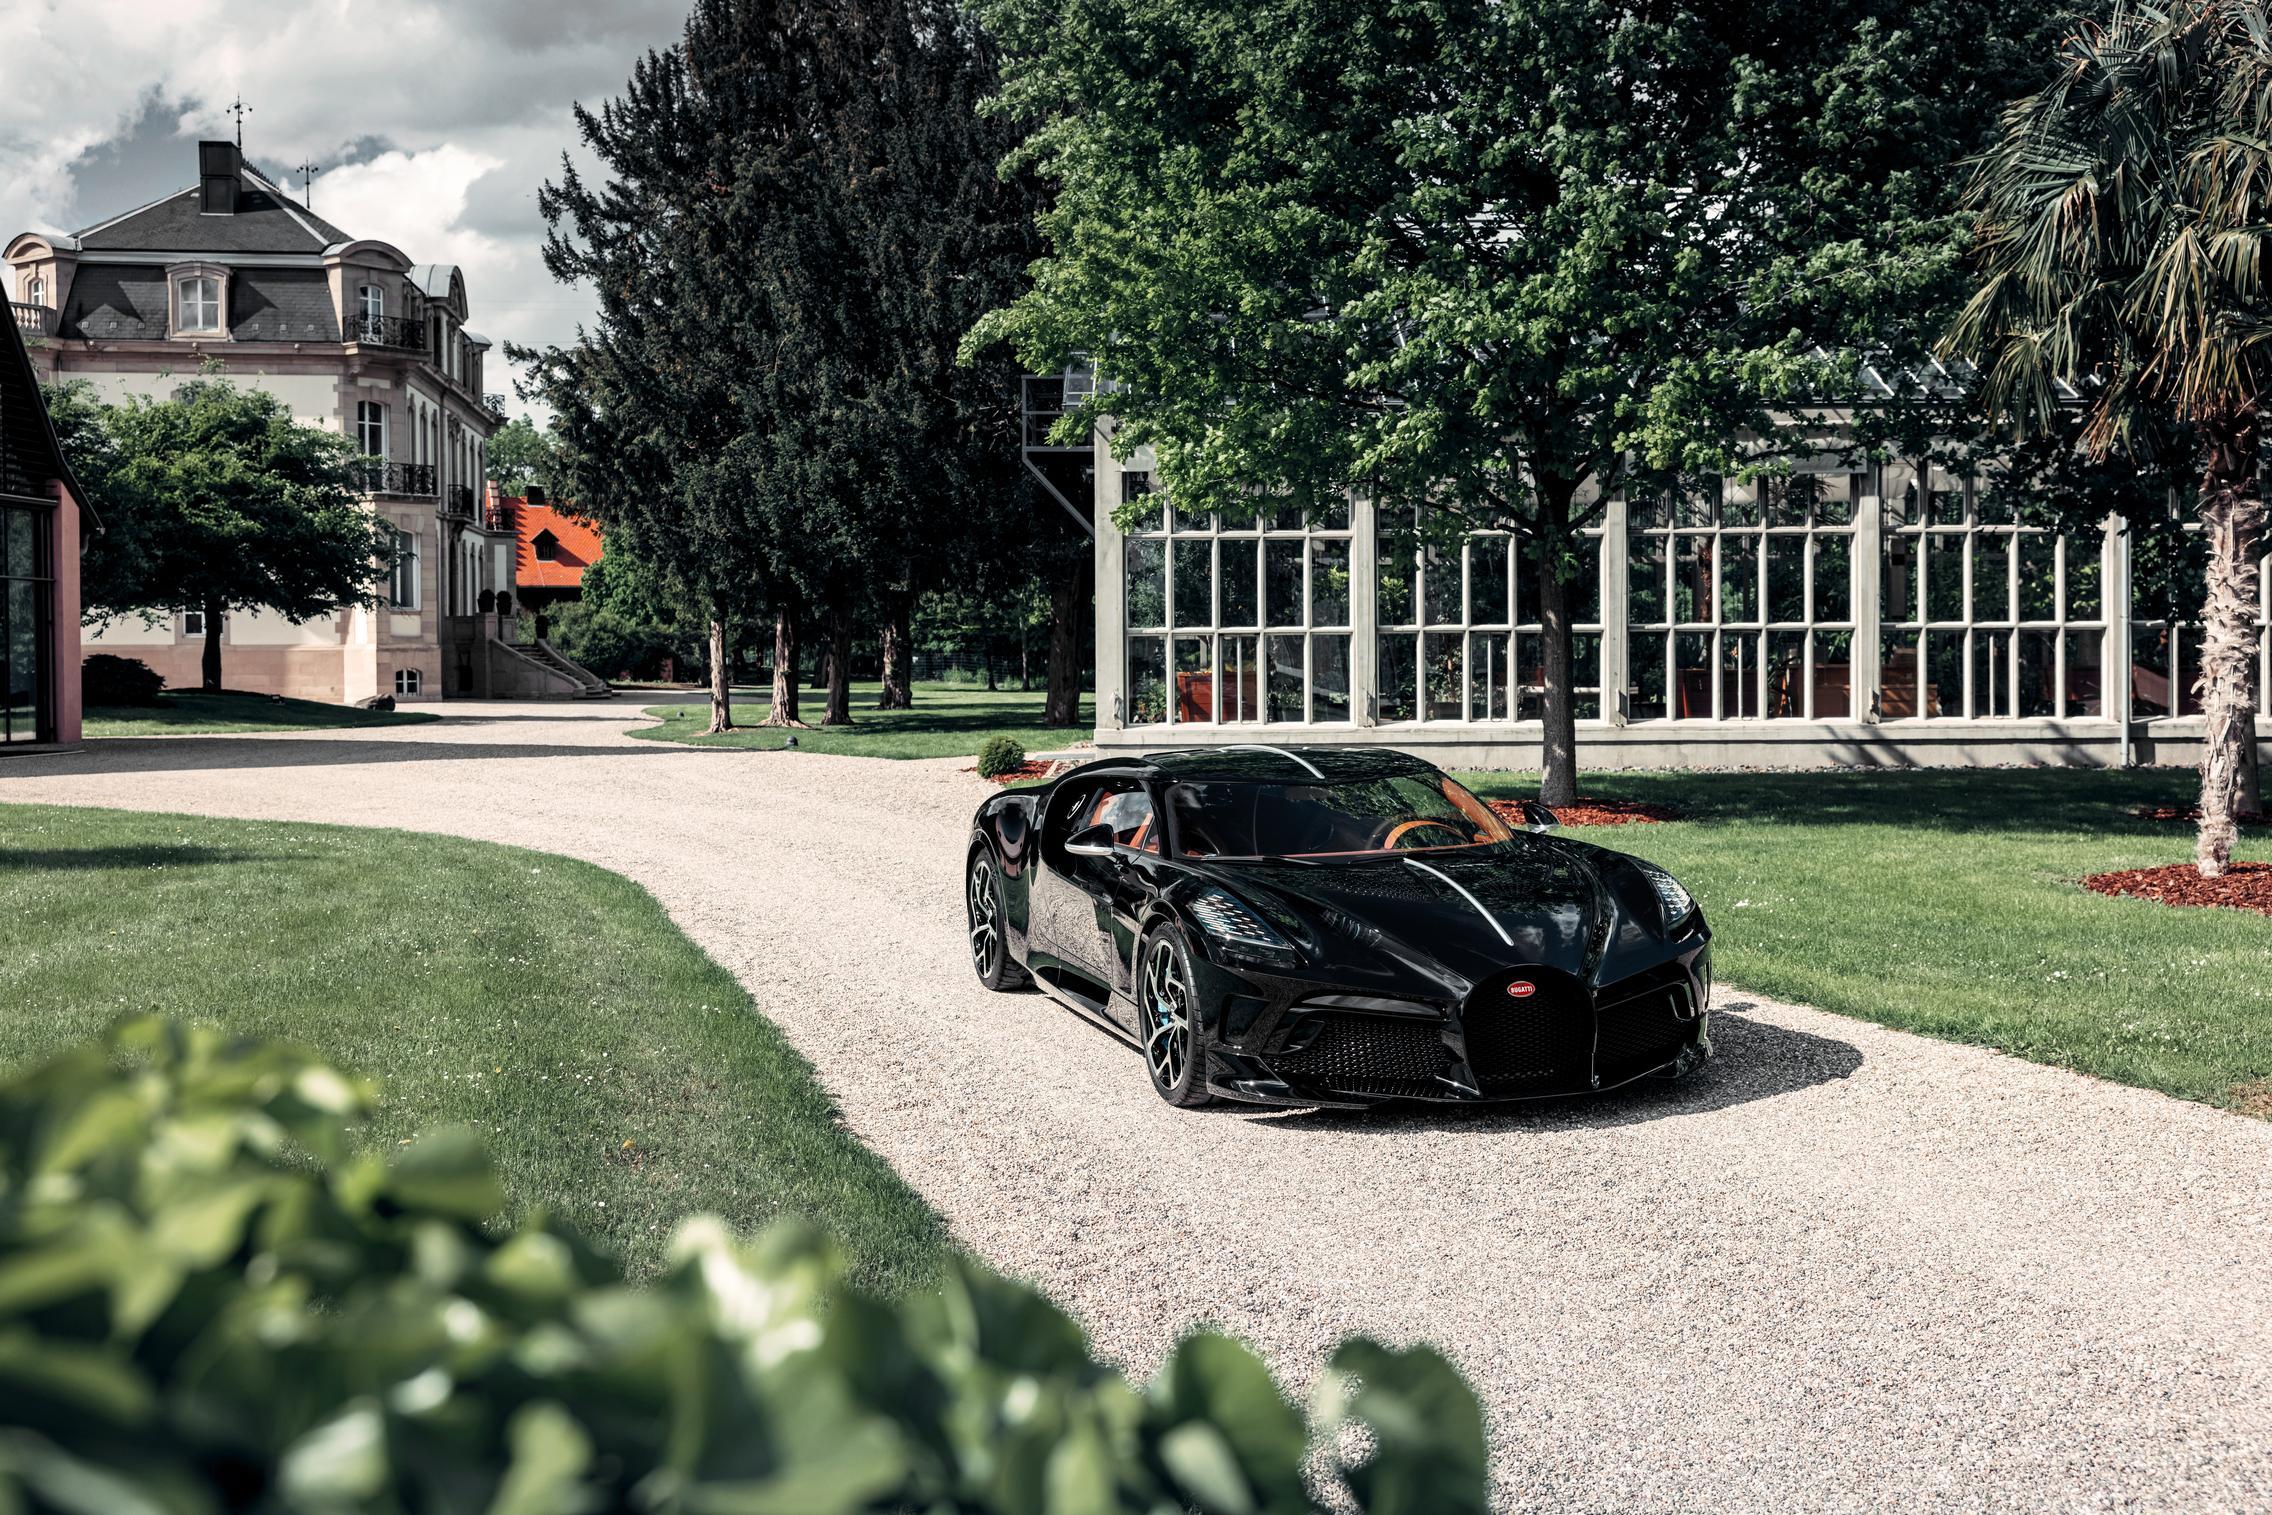 Bugatti La Voiture Noire black